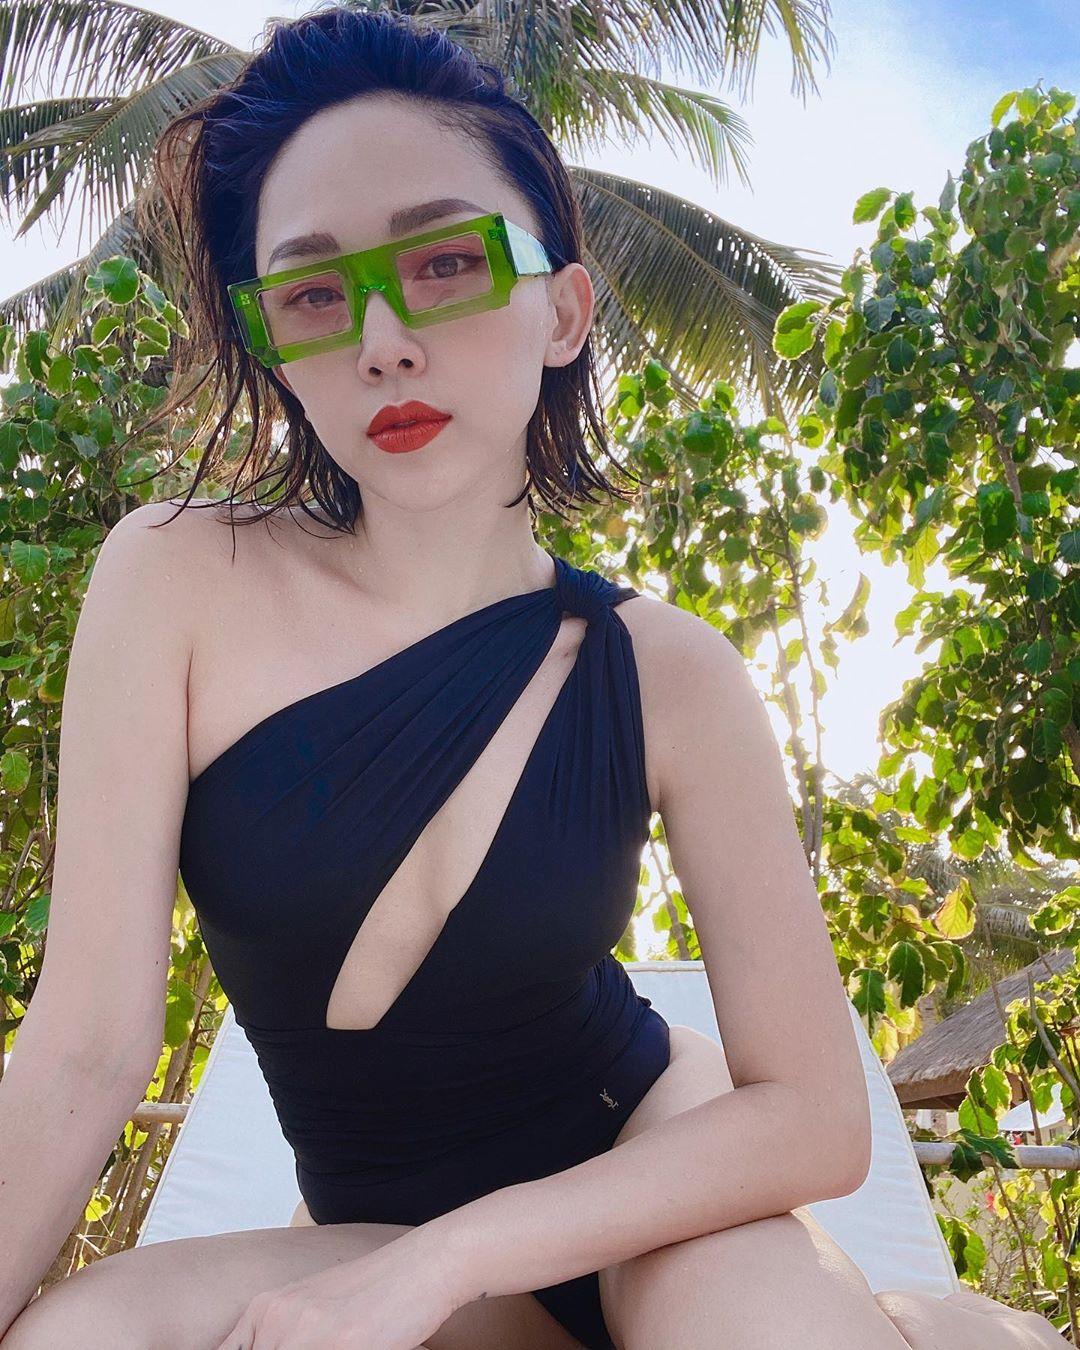 Tóc Tiên đeo kính thời trang gọng lớn màu xanh lá